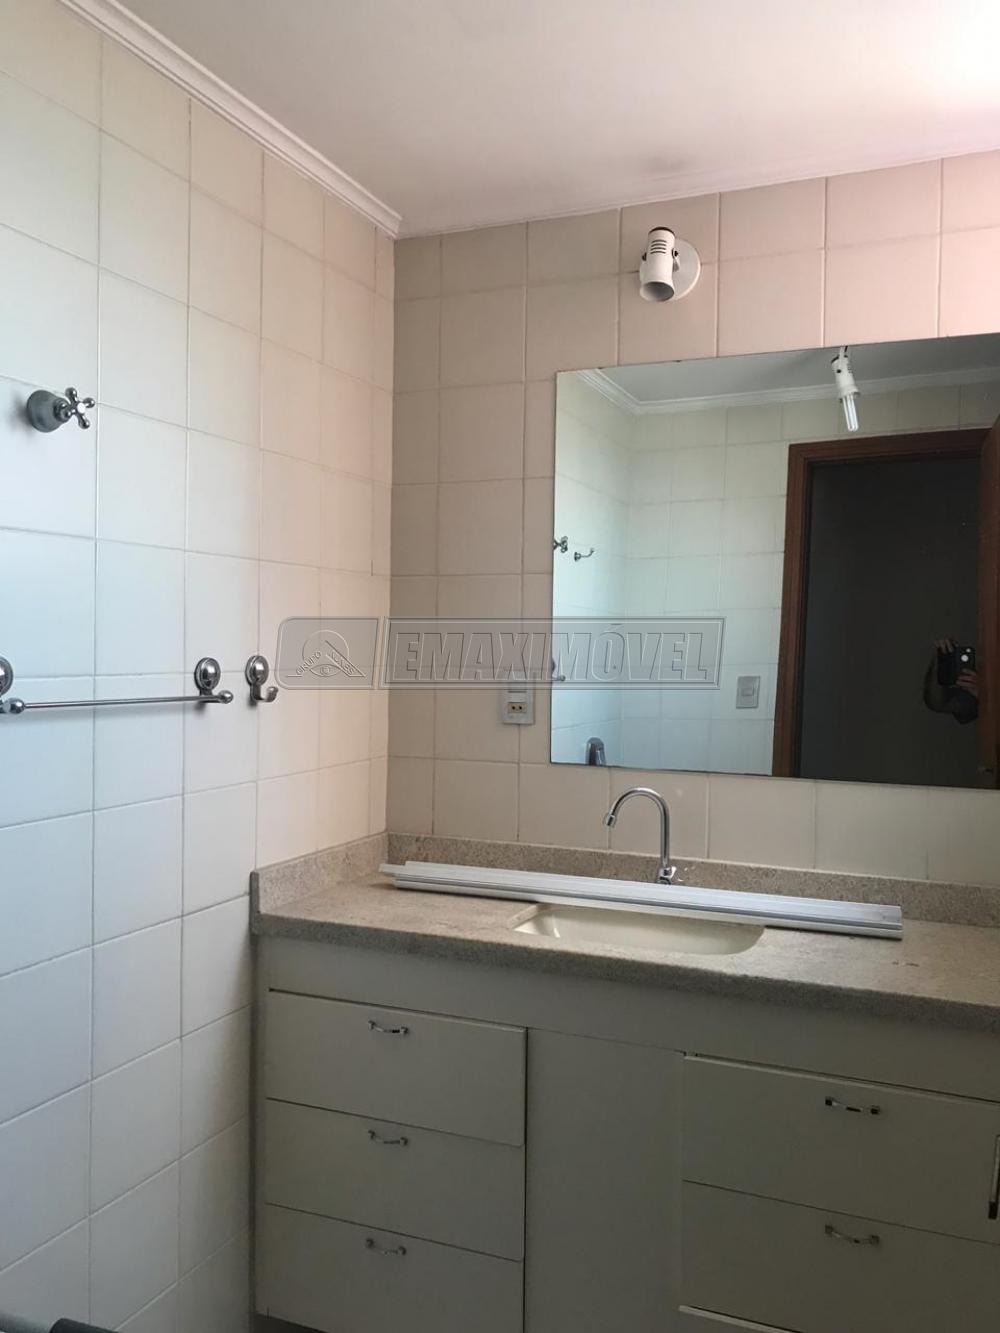 Comprar Apartamento / Padrão em Sorocaba R$ 430.000,00 - Foto 8